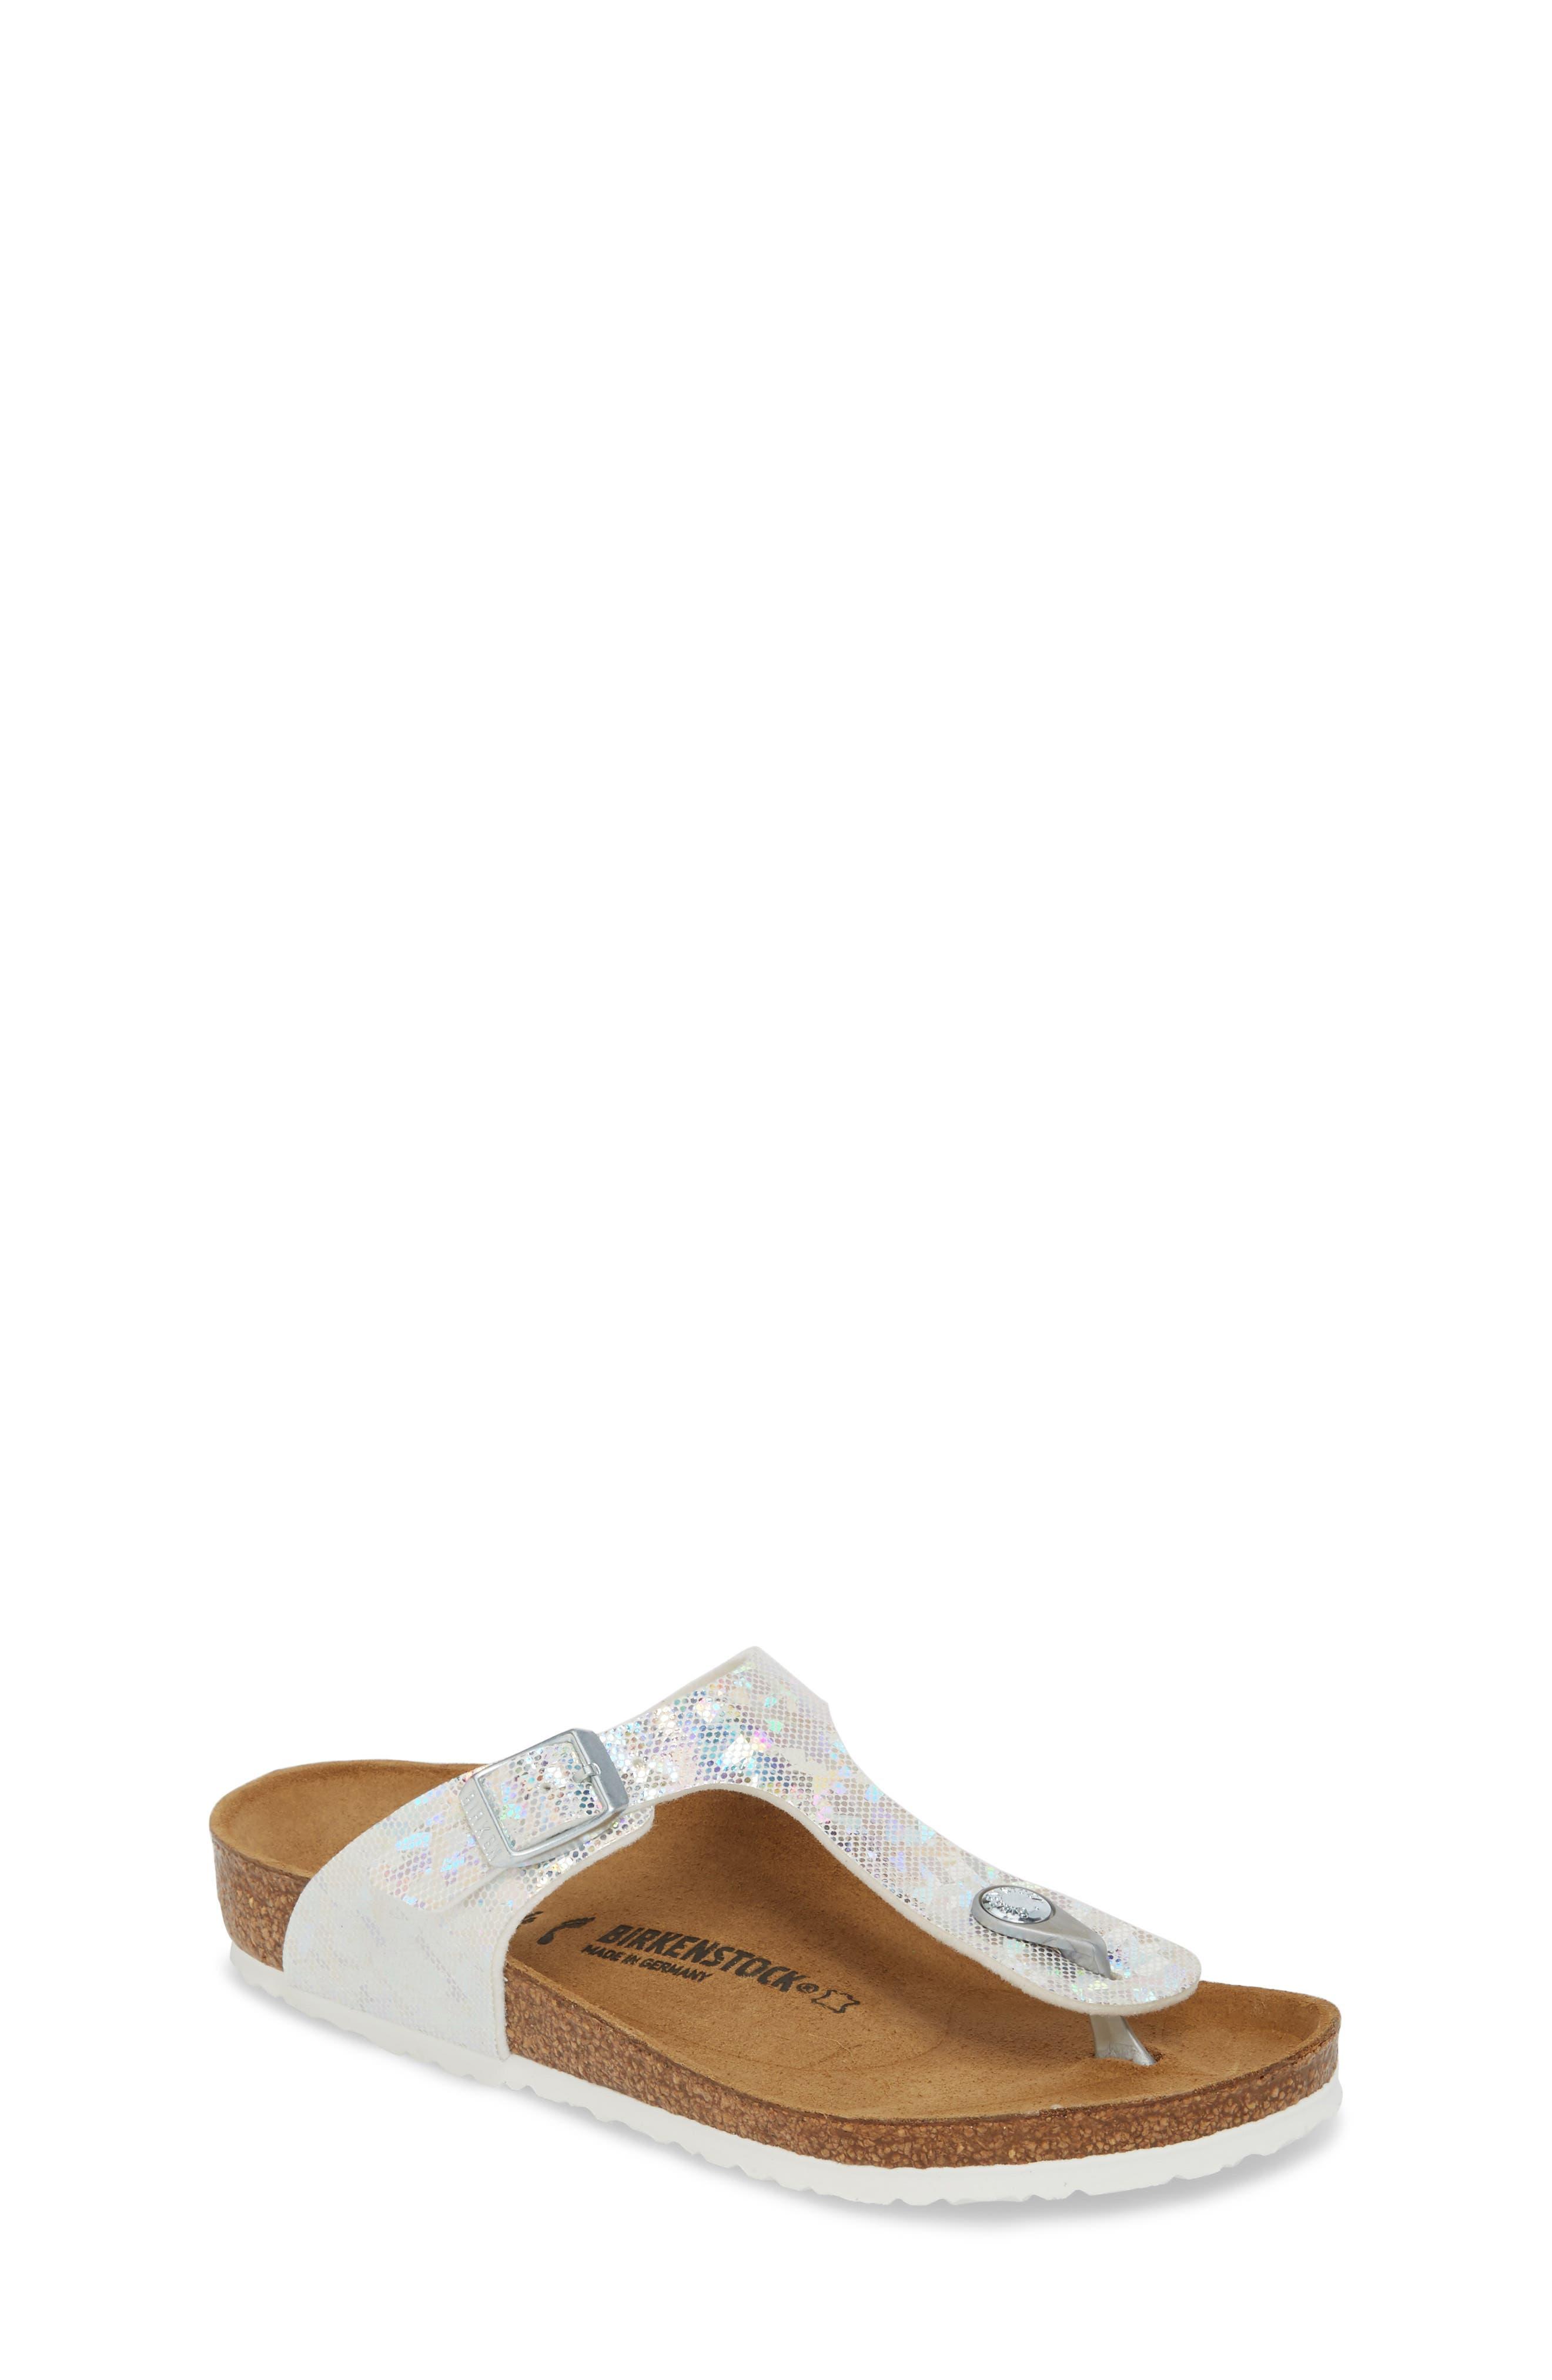 Gizeh Hologram Thong Sandal,                         Main,                         color, Hologram Silver